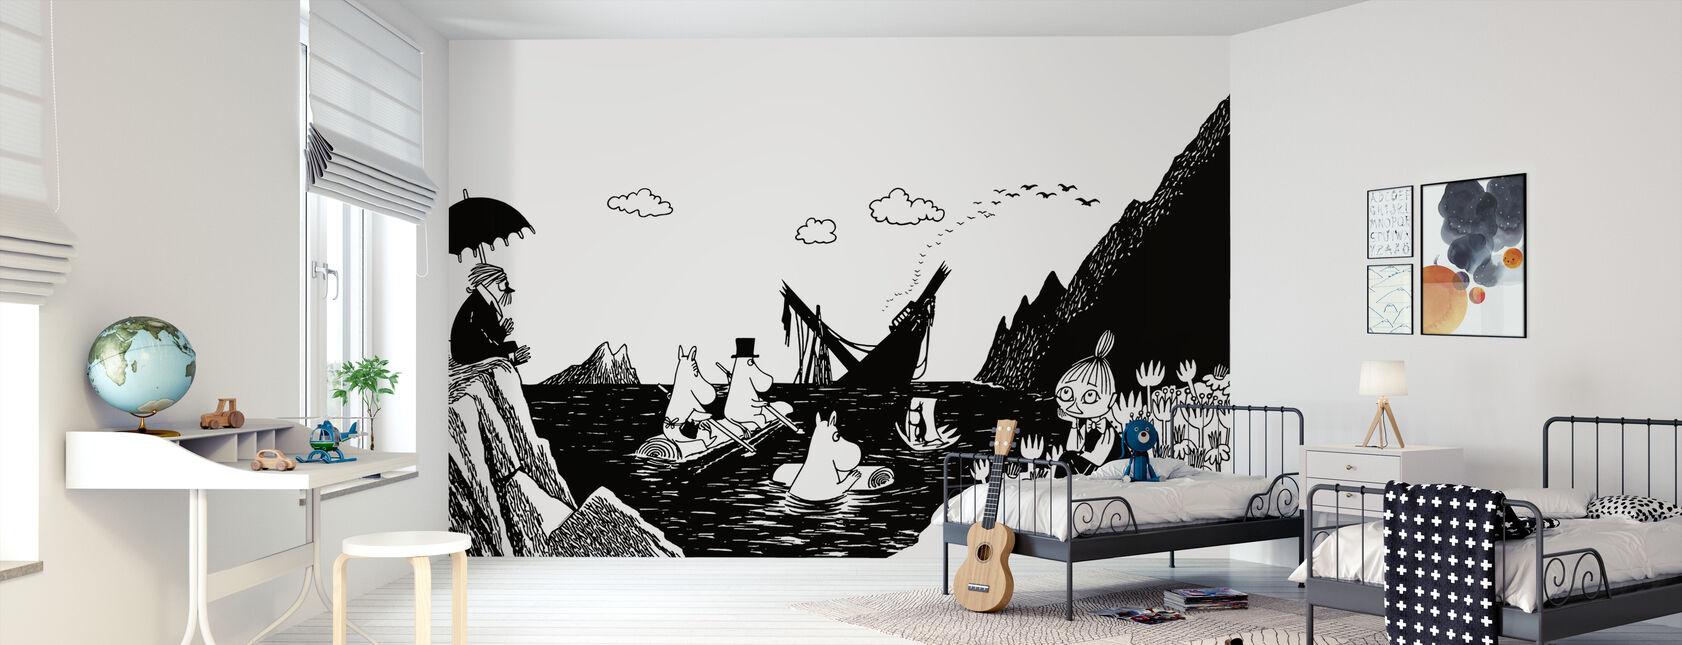 Mumin - Schnorchelmädchen in einem Boot - Tapete - Kinderzimmer